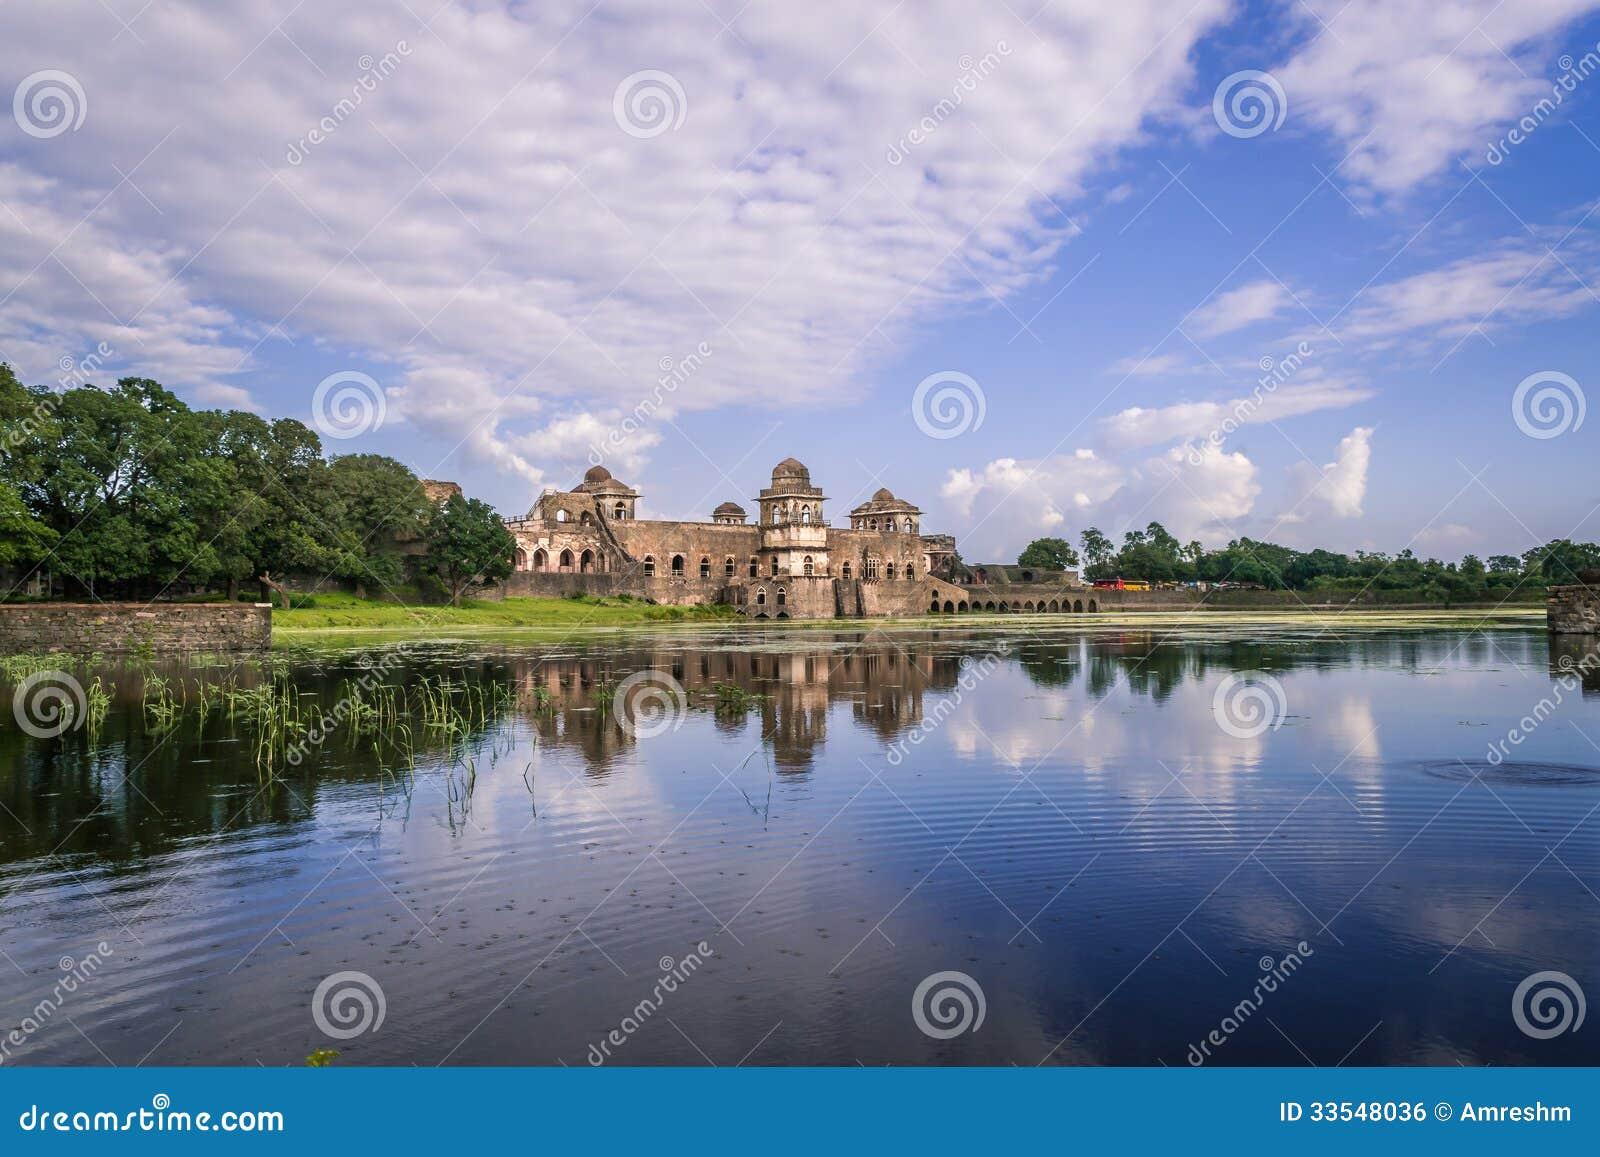 Jahaz Mahal Ship Palace At Mandu India